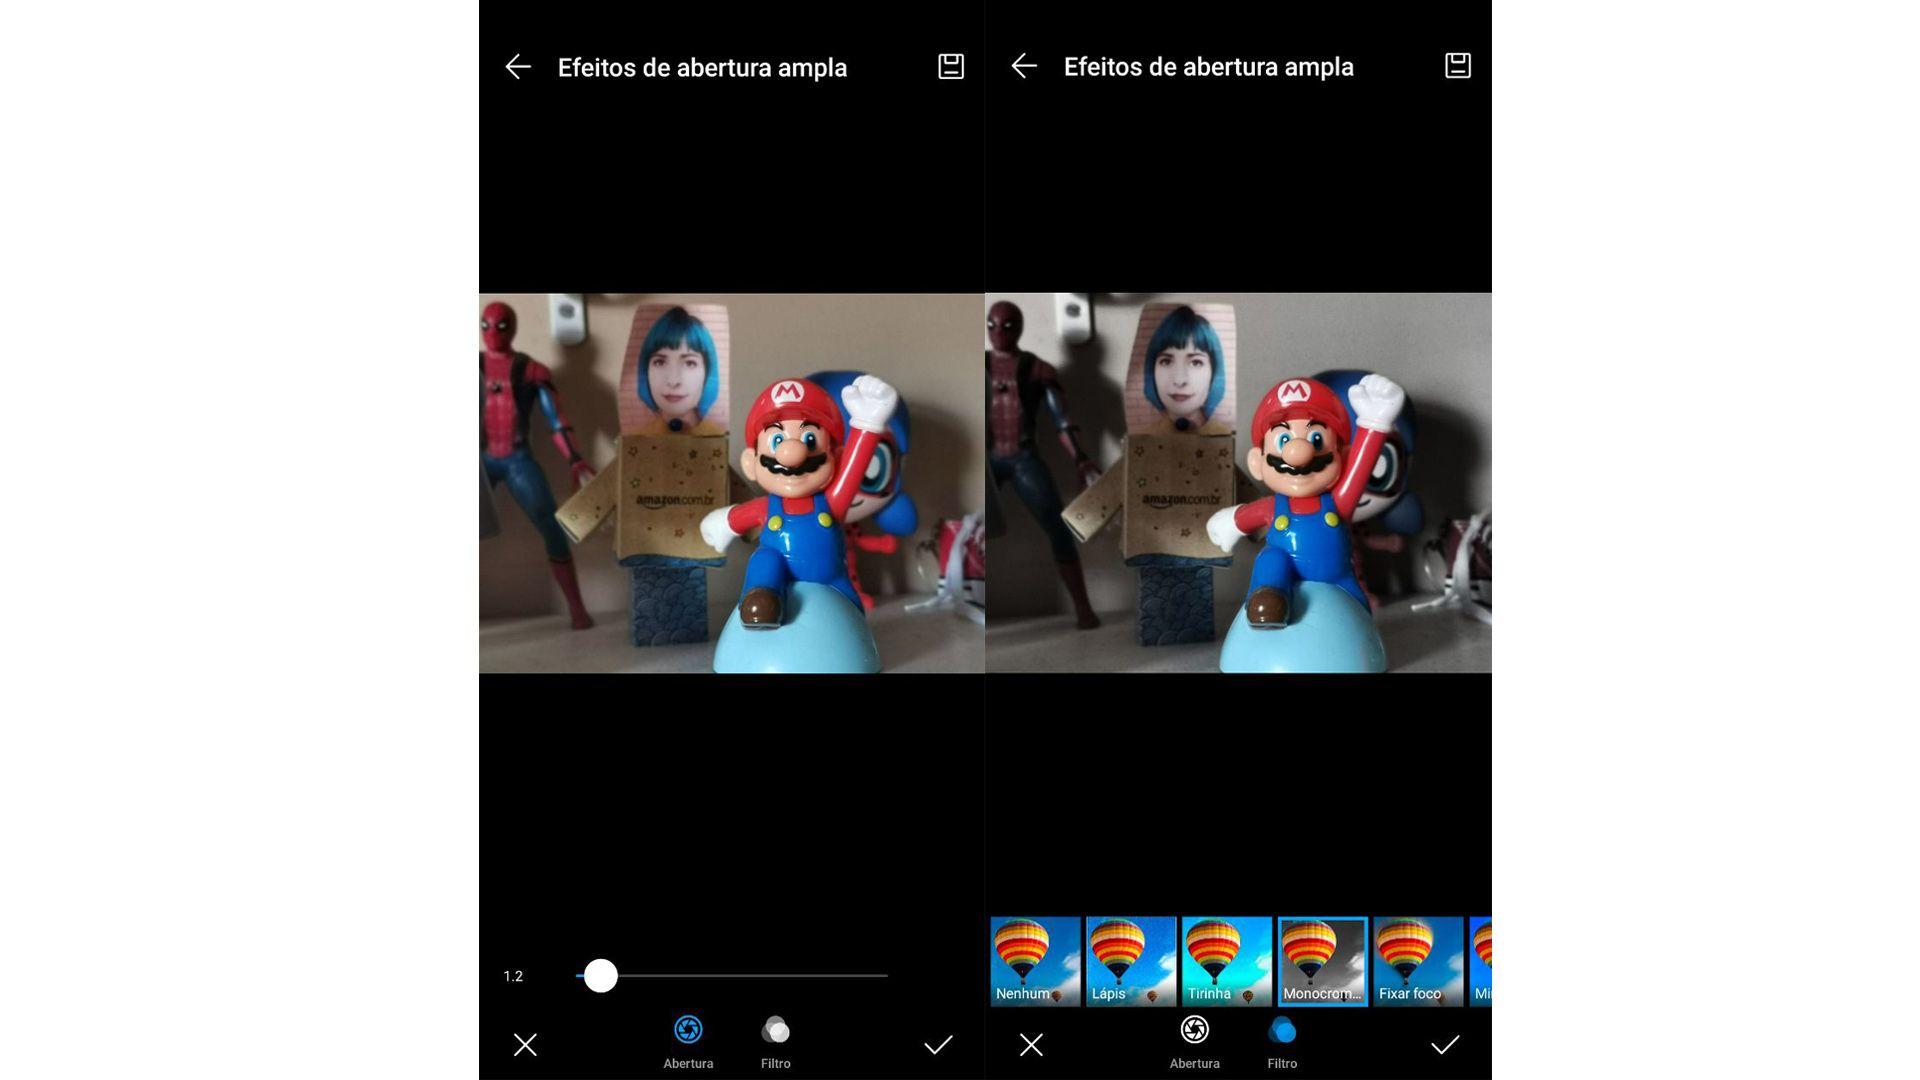 Modo Abertura permite desfocar e alterar cor de fundo das fotos. (Imagem: Ana Marques/Zoom)